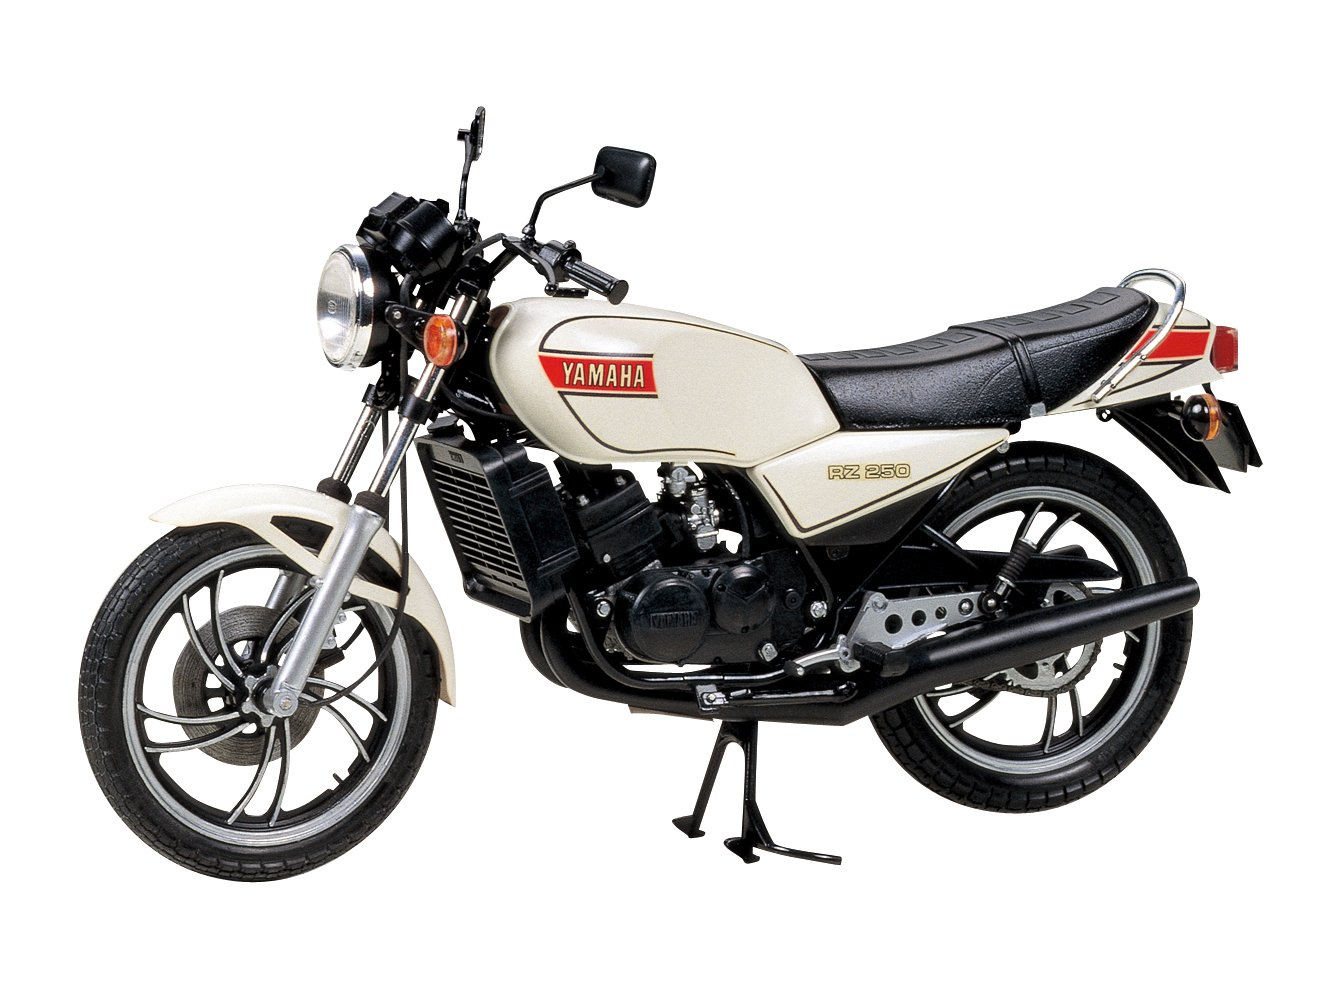 タミヤ 1/12 オートバイシリーズ No.02 ヤマハ RZ250 プラモデル 14002 B073S2ZZFK